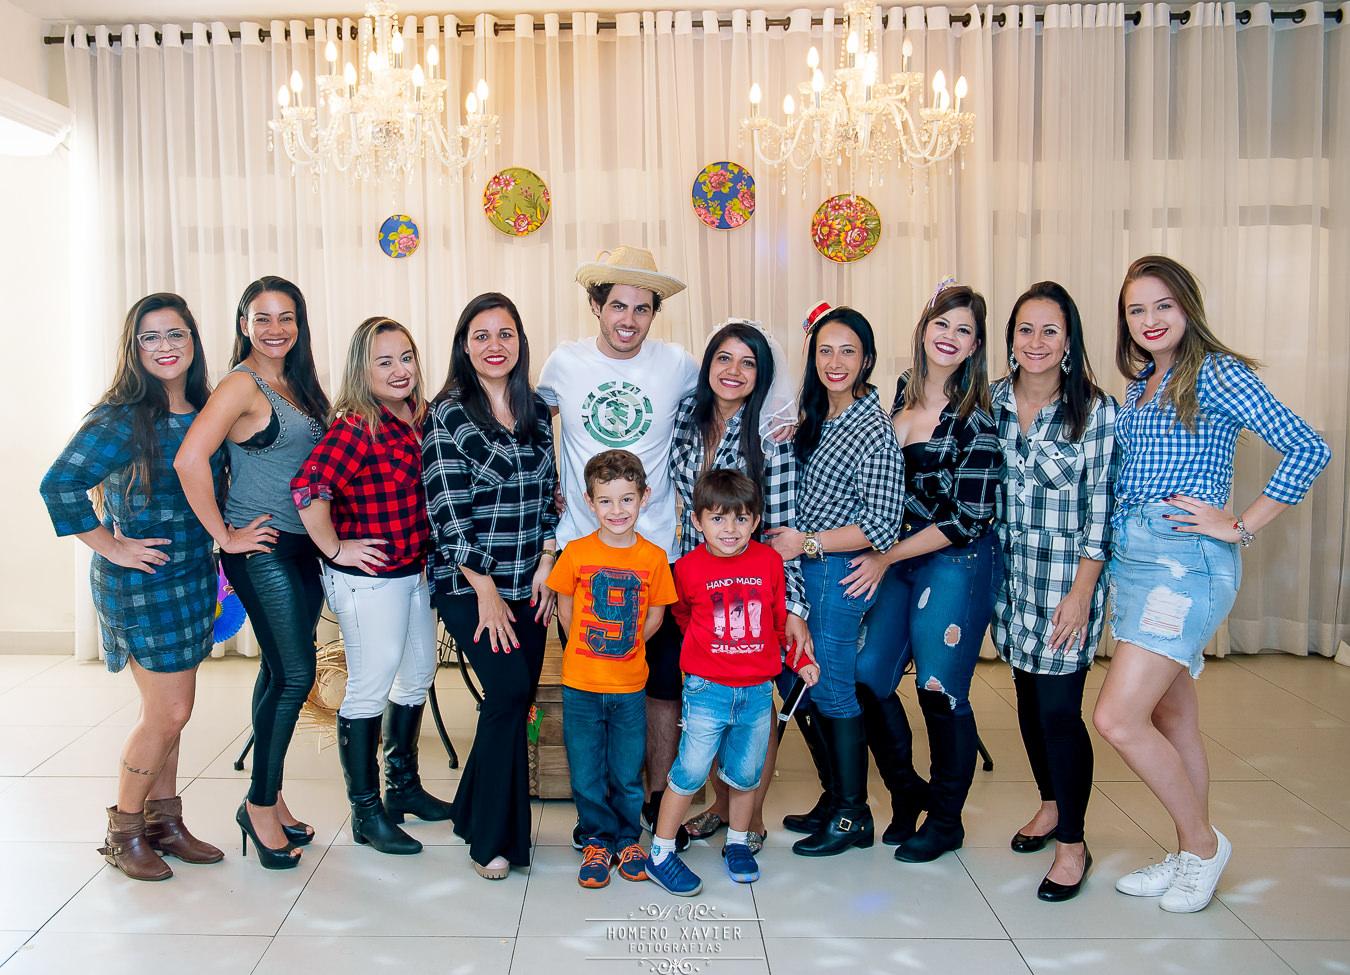 Fotografia Charraiá de panela Espaco em Festa BH